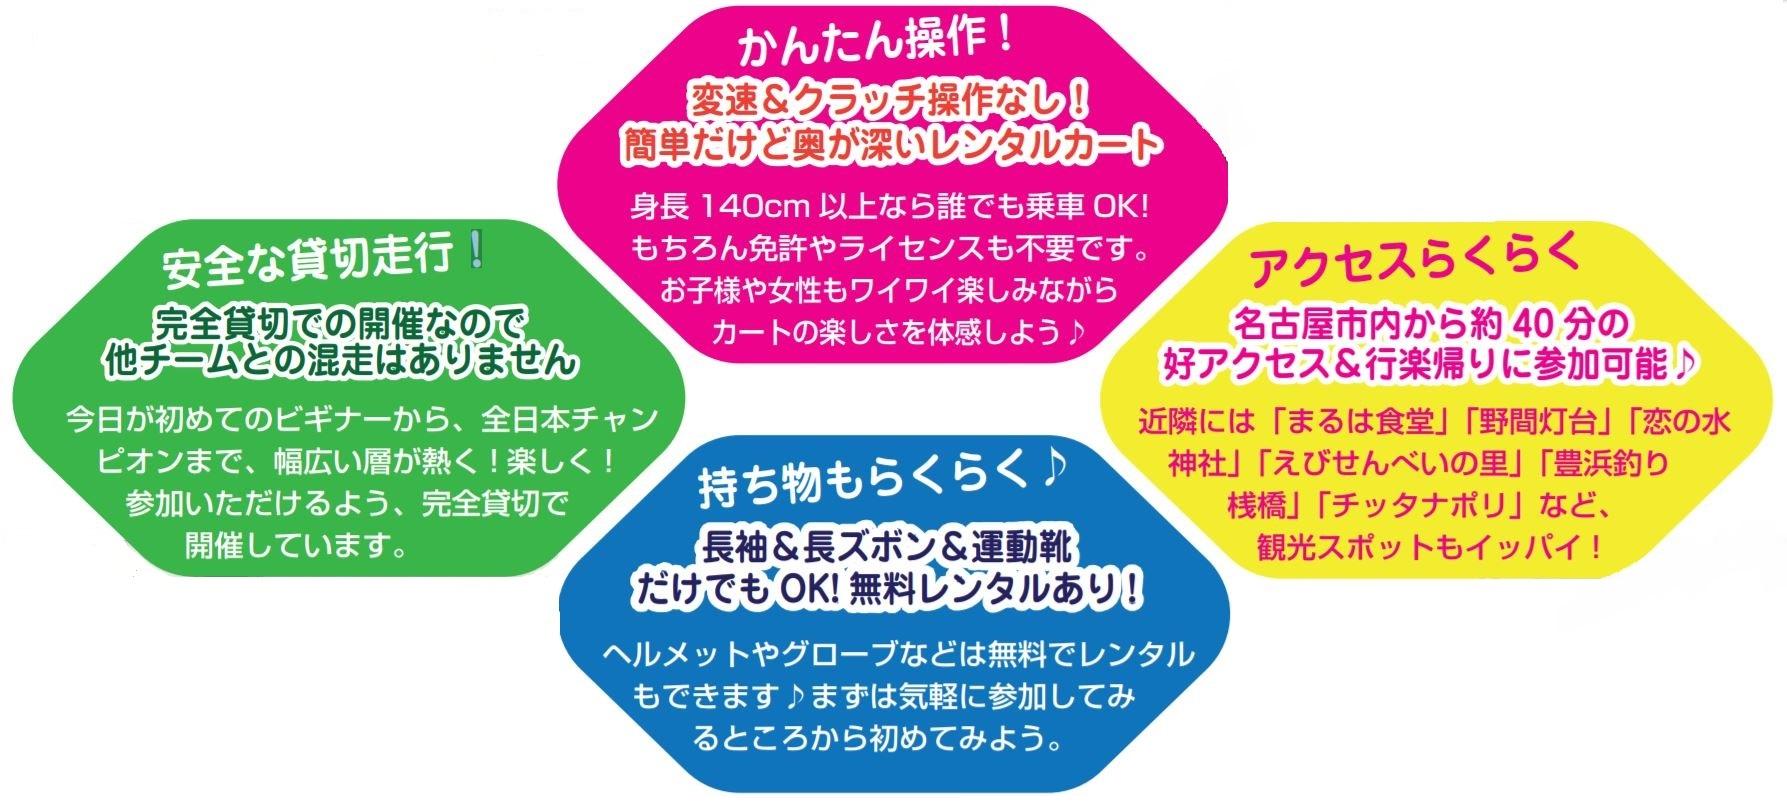 AVARTH カート カート大会 イベント キャンベル 美浜サーキット ラリー